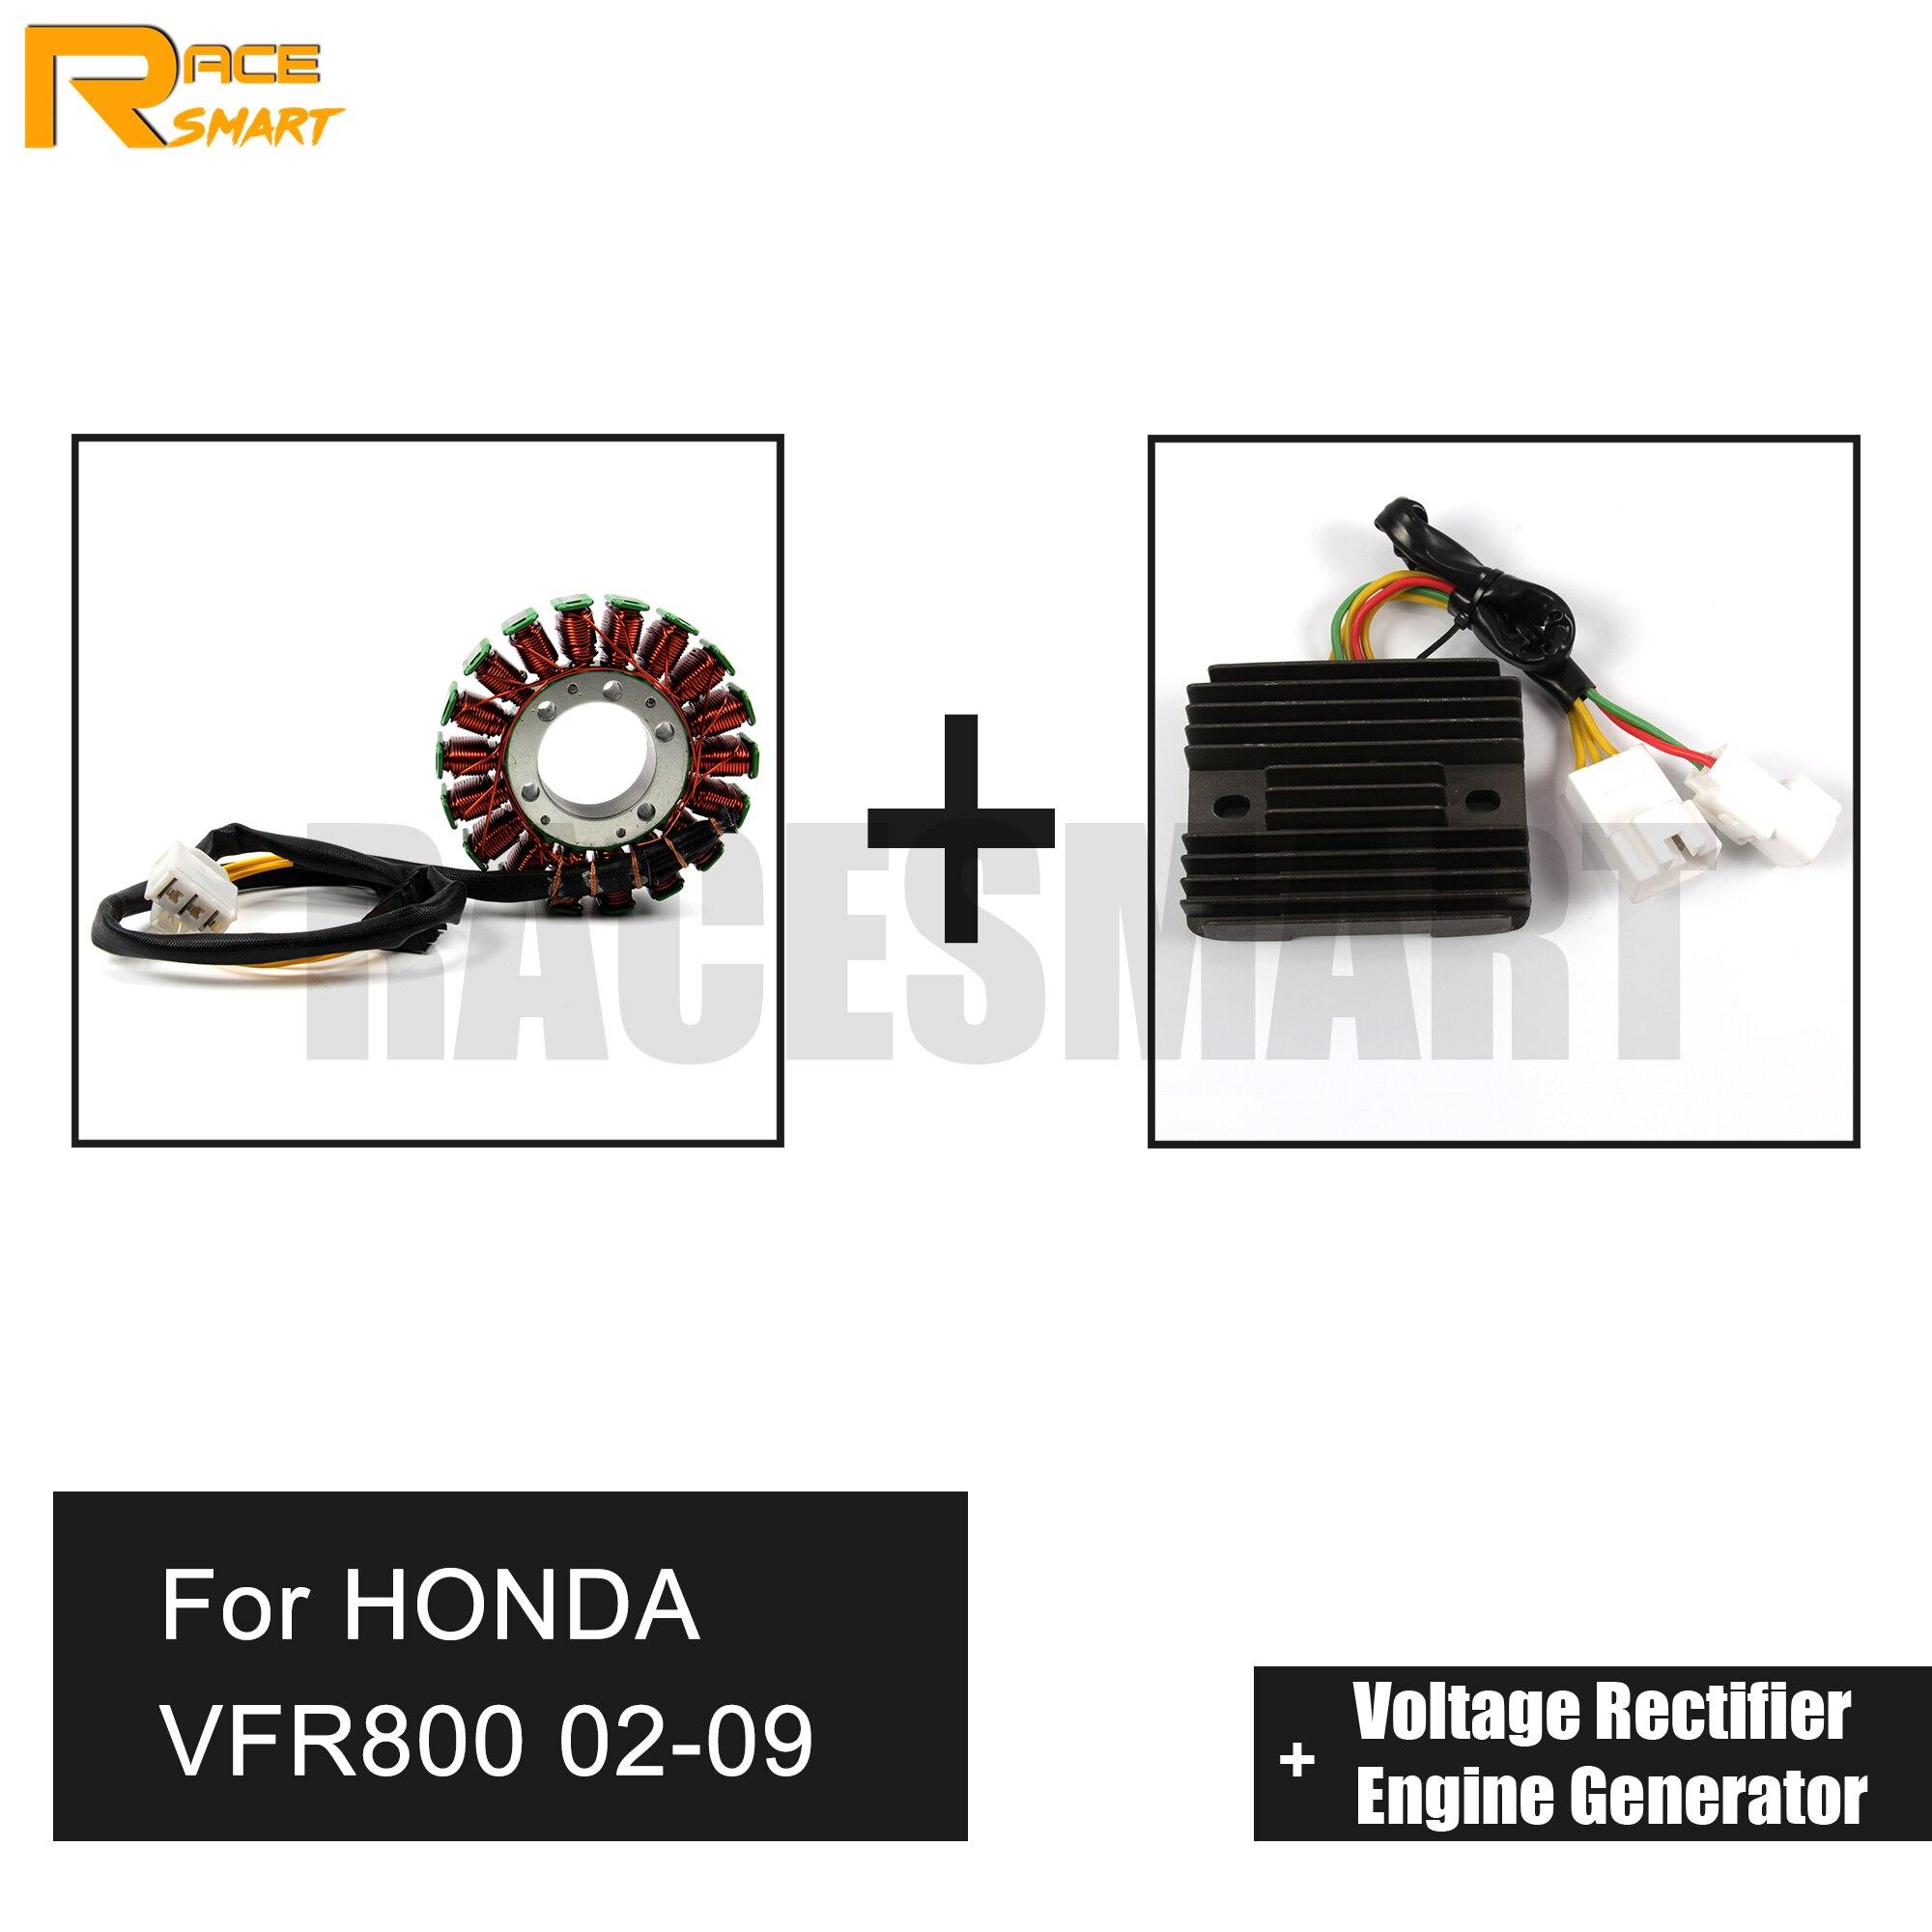 Pour HONDA VFR800 2002-2009 fils moto tension redresseur régulateur redresseur moteur mercure générateur Stator bobine Comp